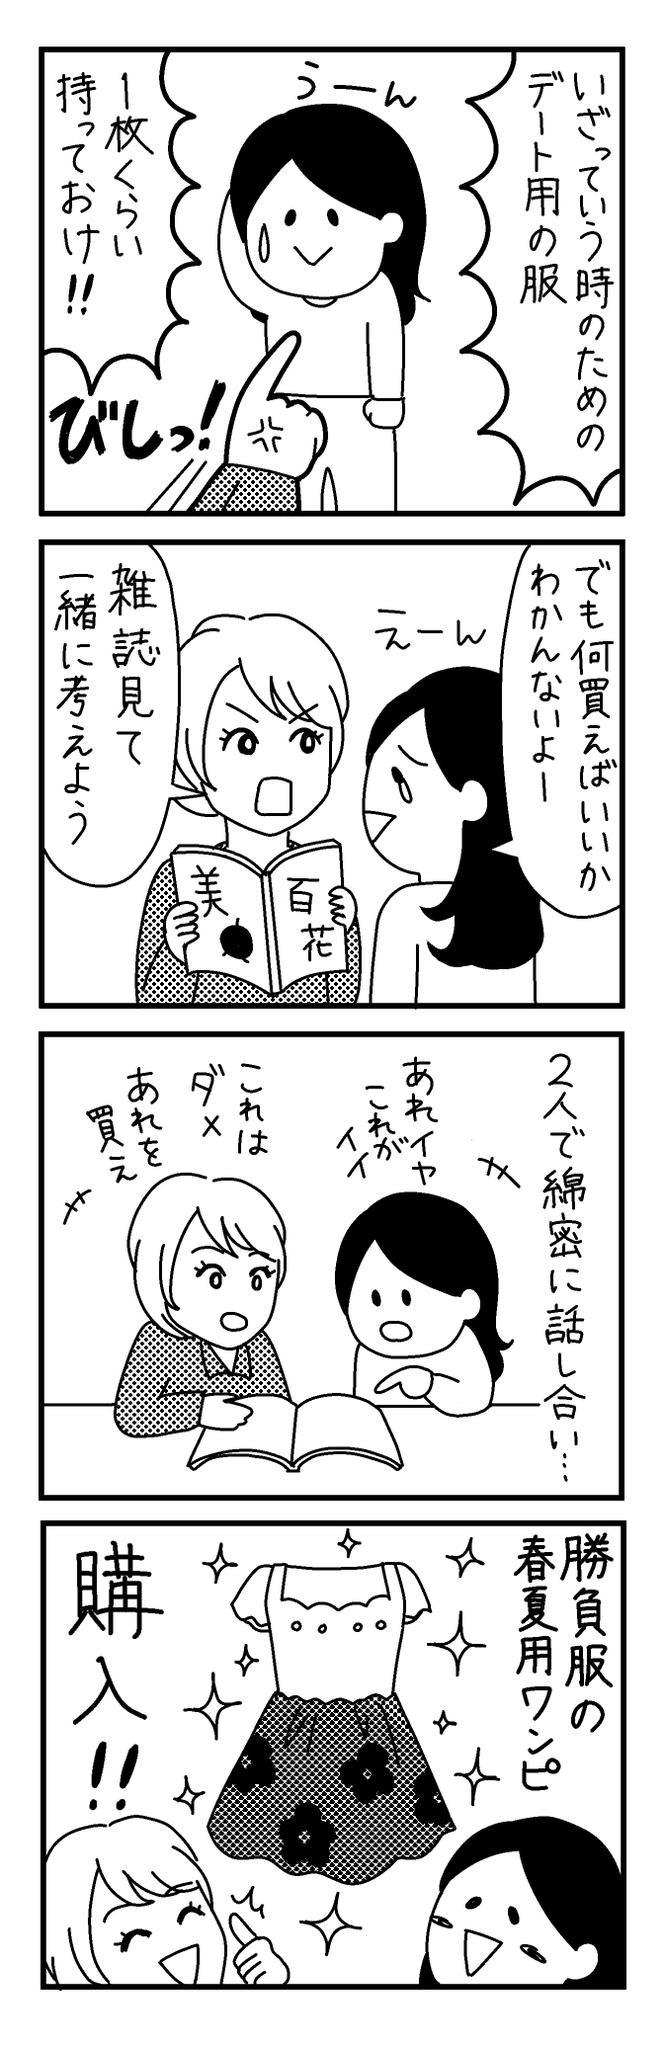 【4コマ漫画】第19回「ビクトリアな日々」作:ビクトリアブラディーヌ